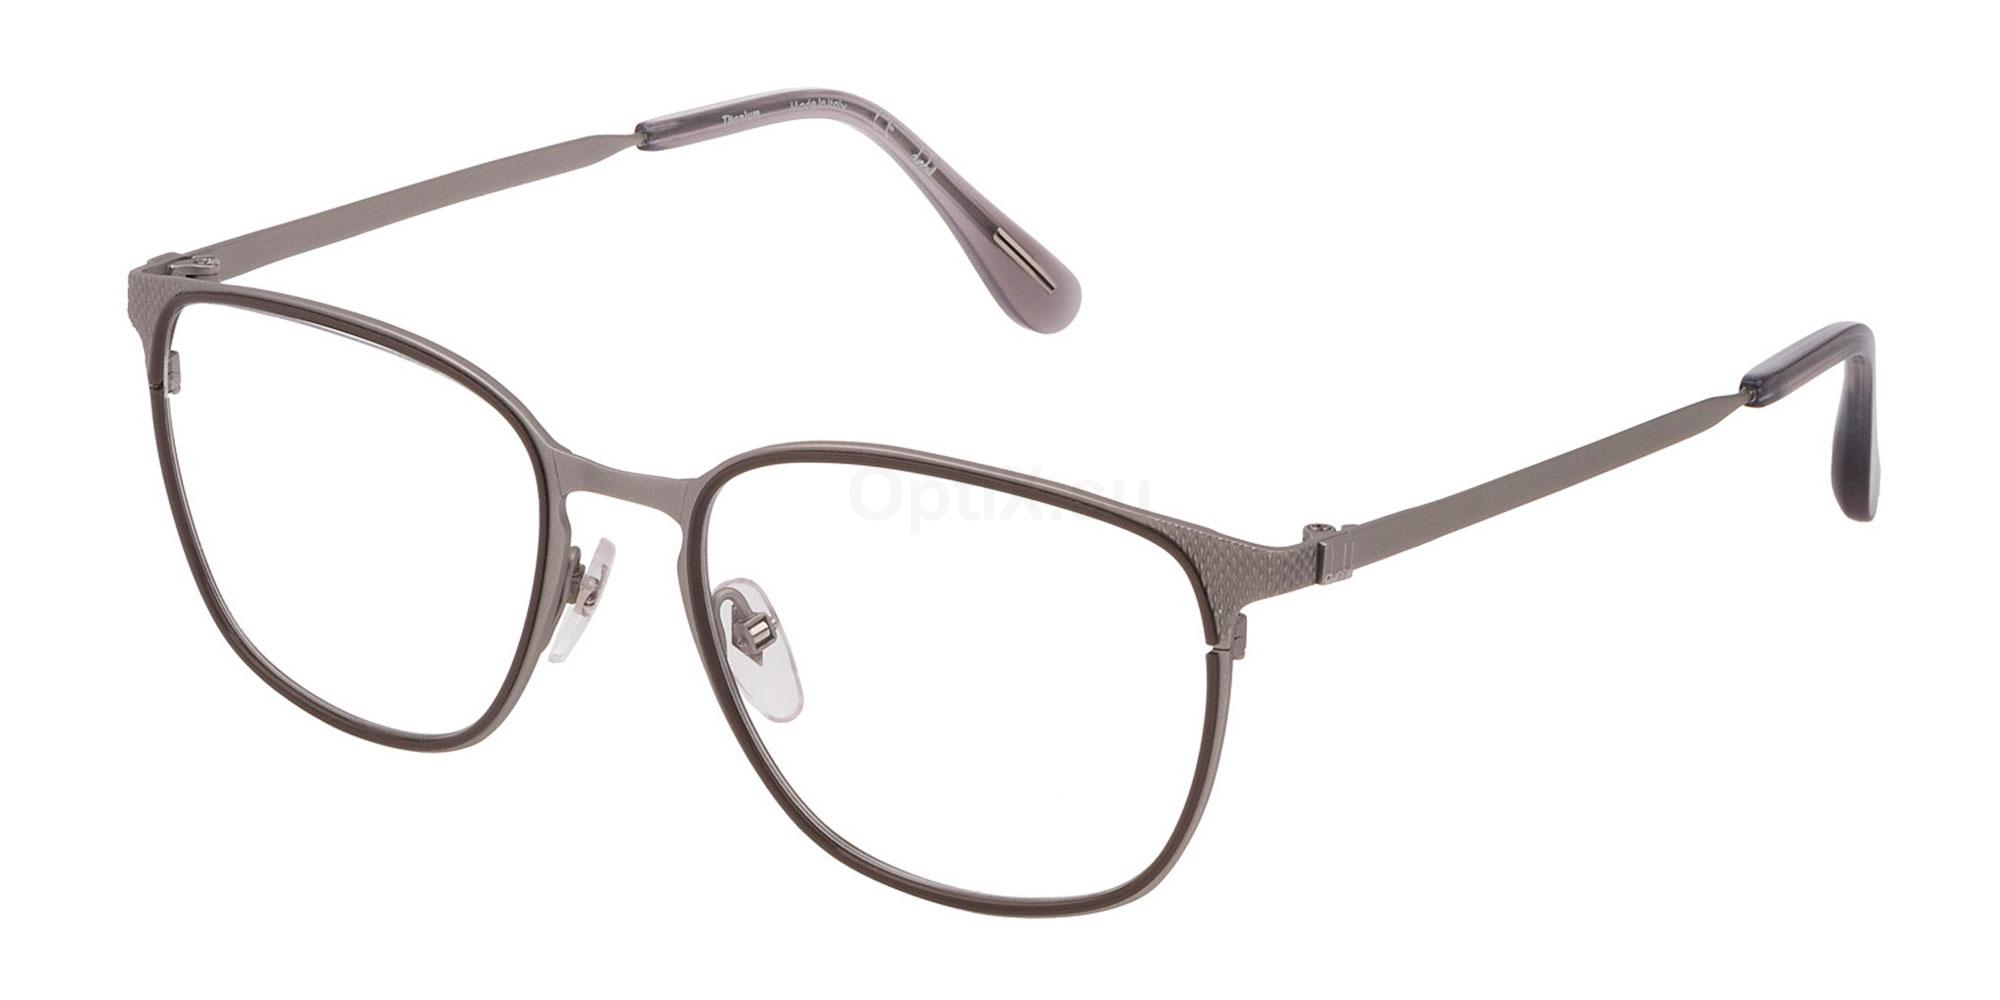 0581 VDH159M Glasses, Dunhill London